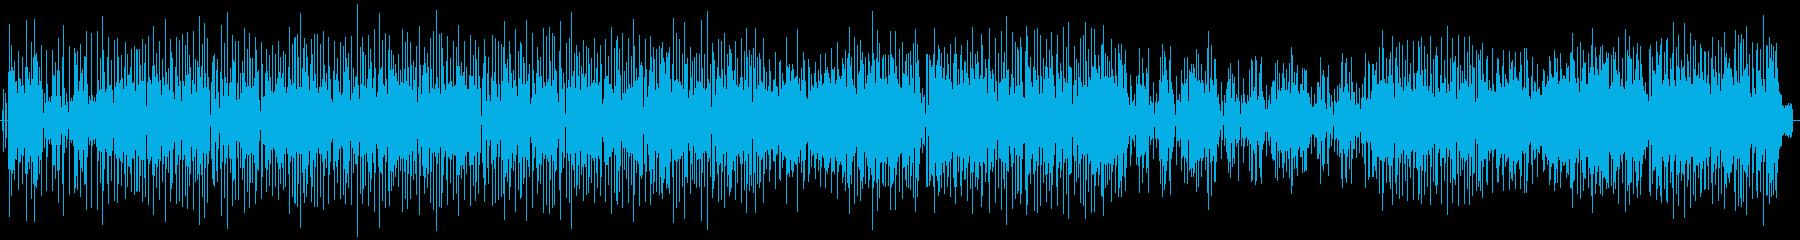 BlueBoy 一部コーラス有りの再生済みの波形